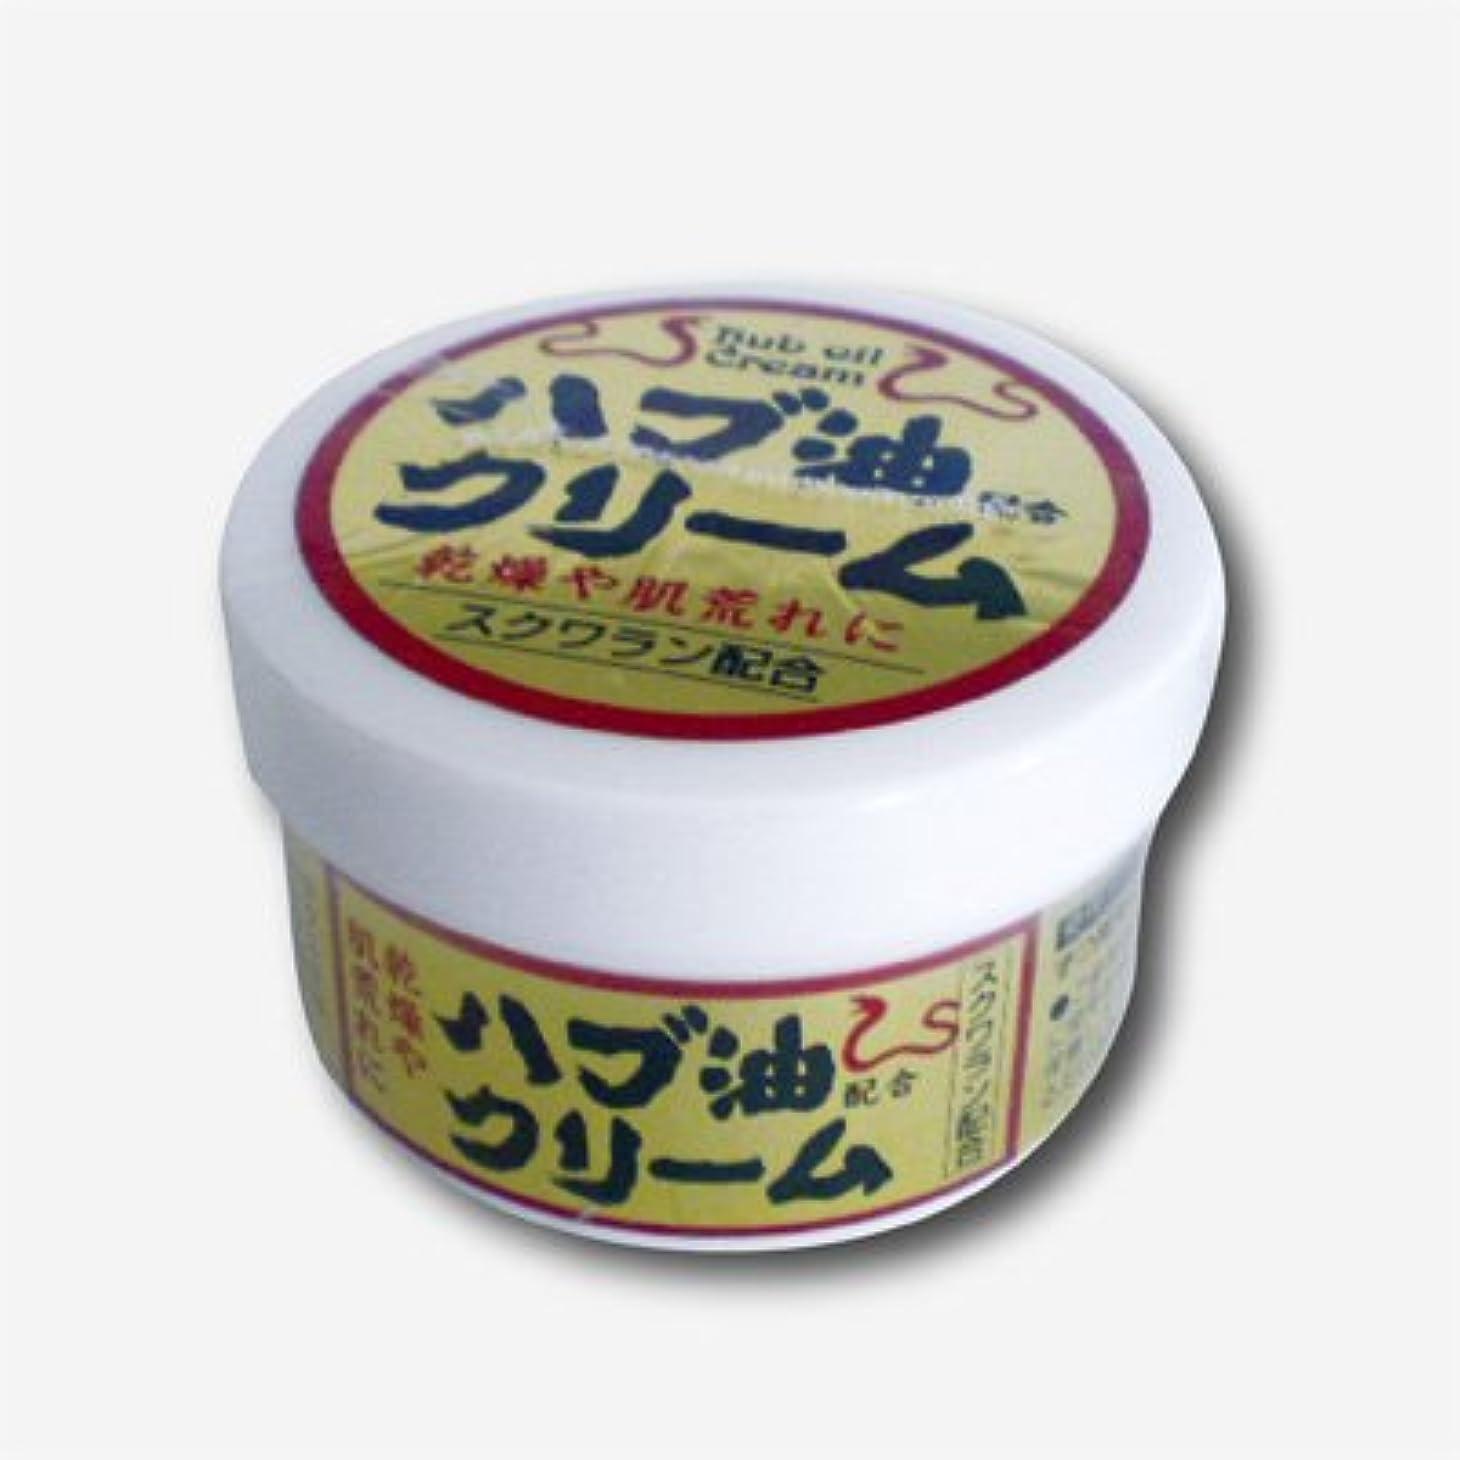 有益な立場インフレーションハブ油配合クリーム 1個【1個?50g】